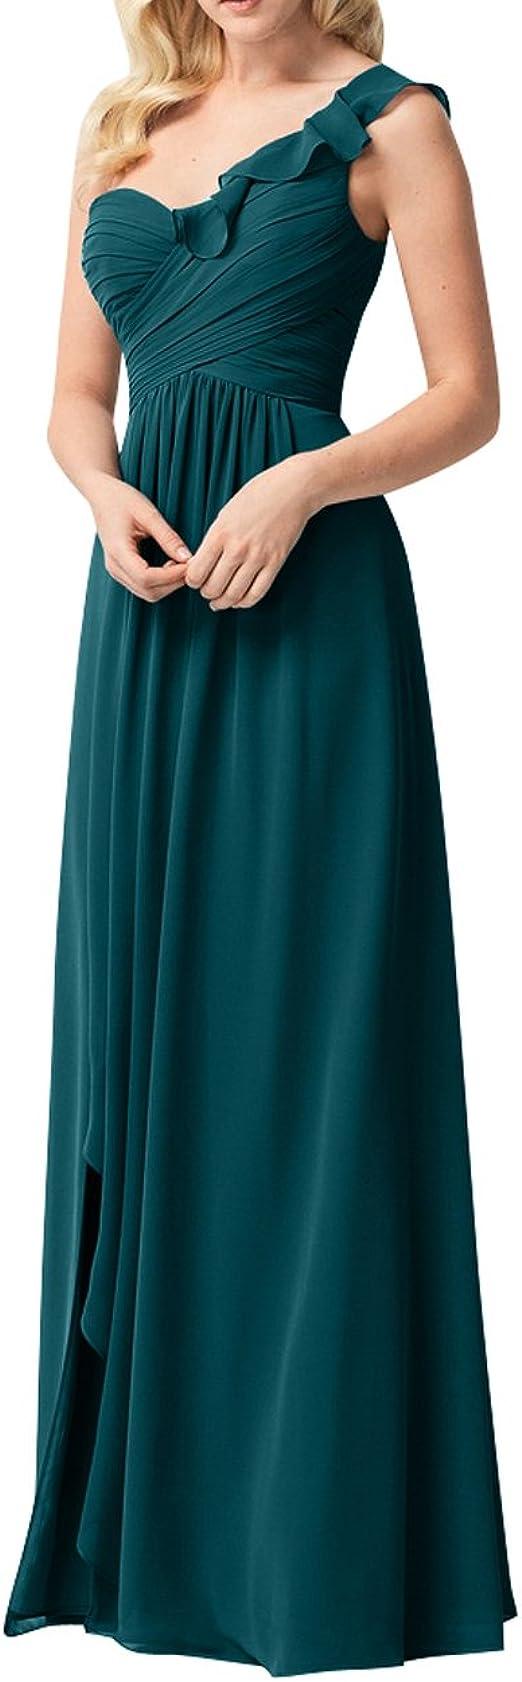 La_mia Brau EIN-Traeger Chiffon Abendkleider Brautjungfernkleider